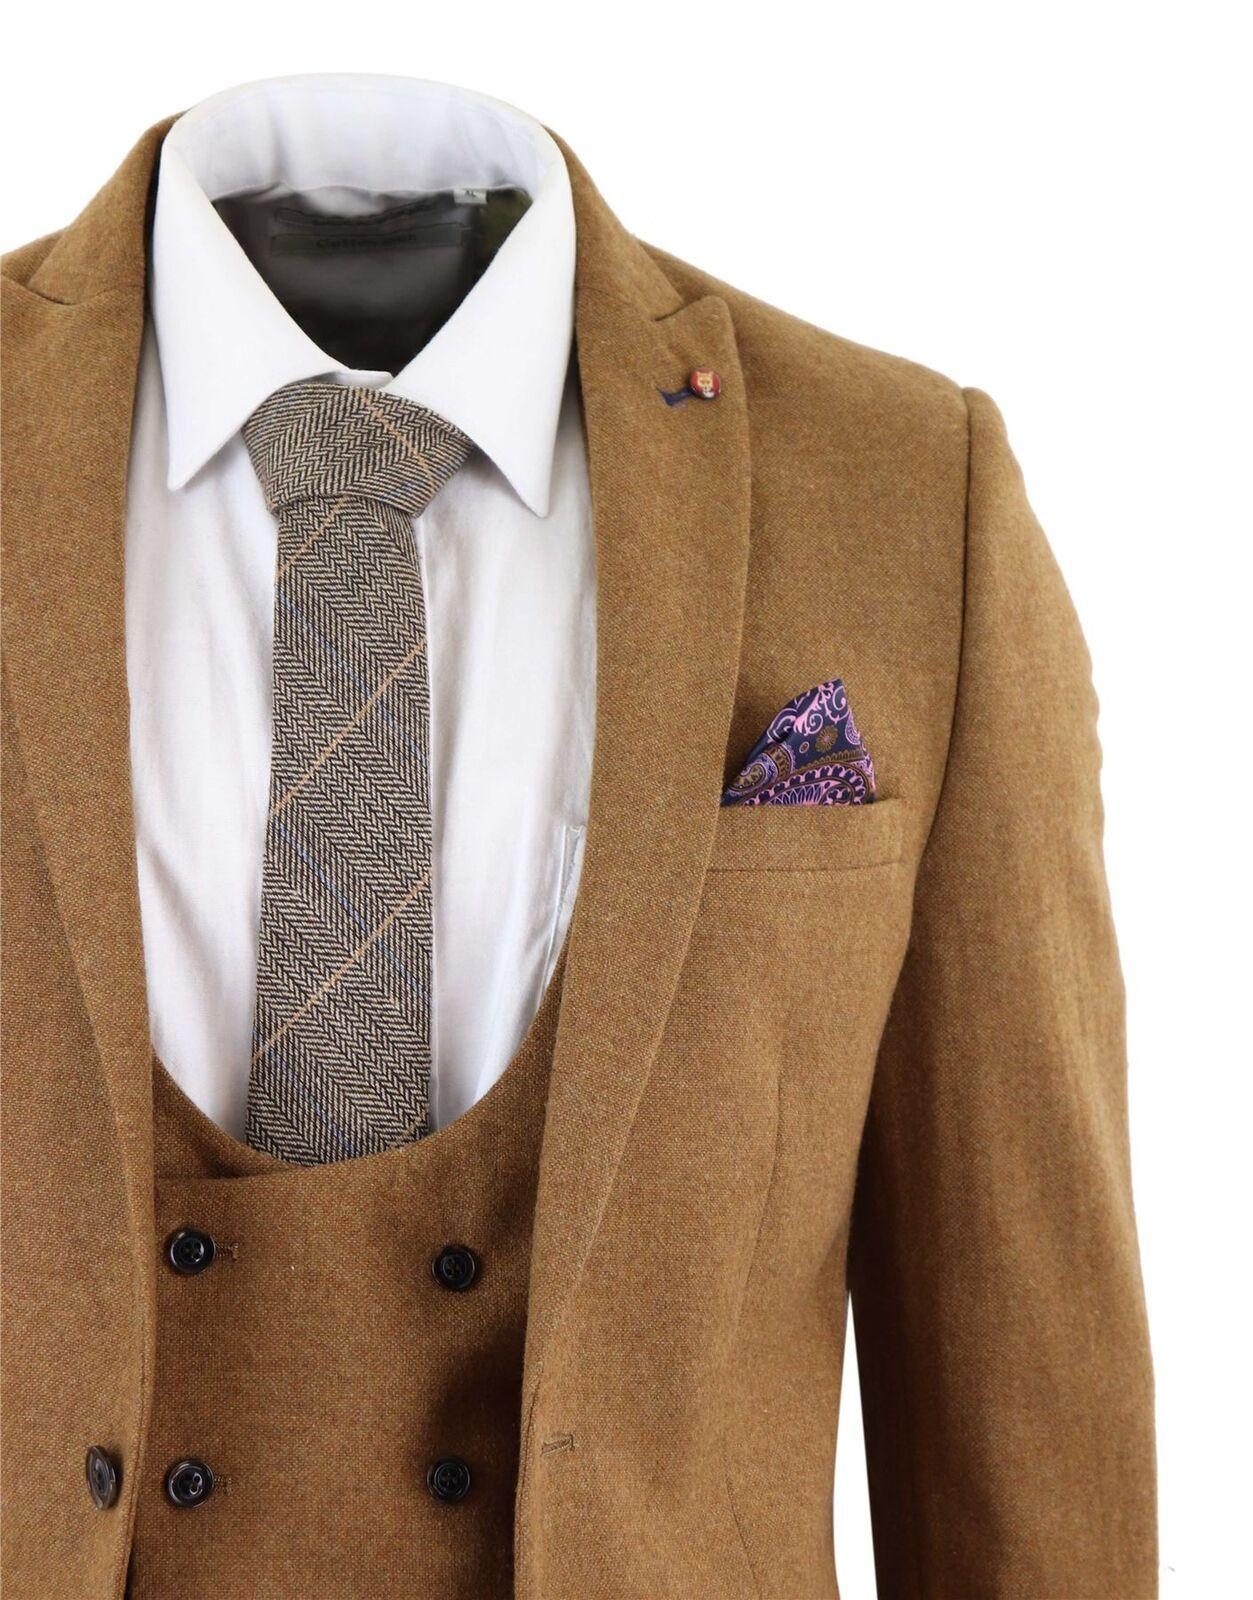 Costume homme tweed laine mélangée brown 3 pièces slim vintage veston croisé